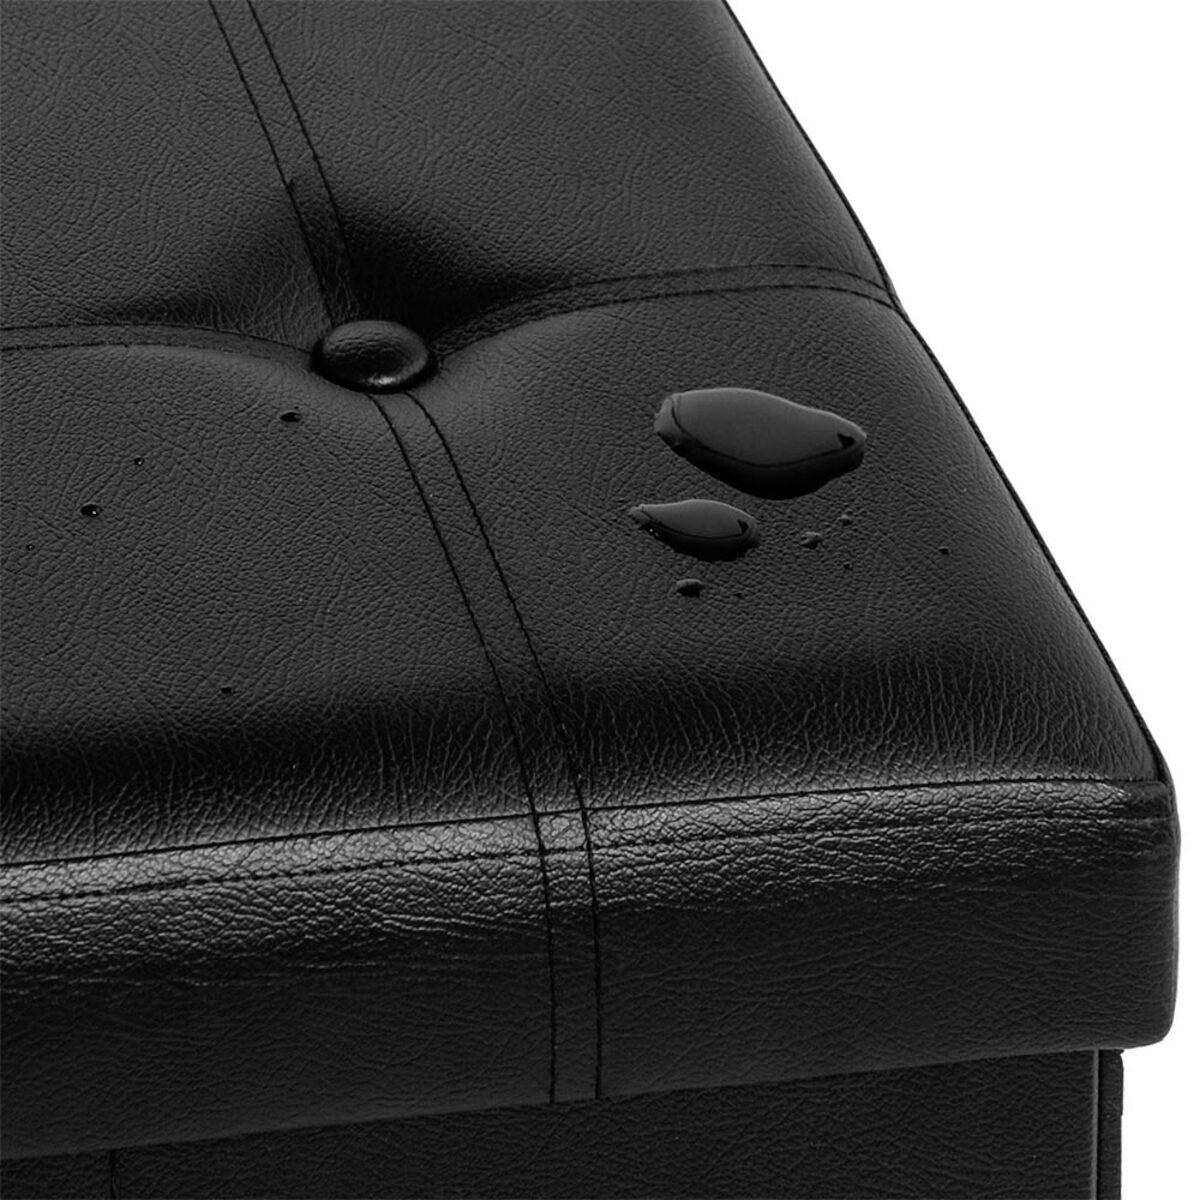 Bild 5 von Deuba Faltbare Sitzbank/Sitzhocker MDF schwarz